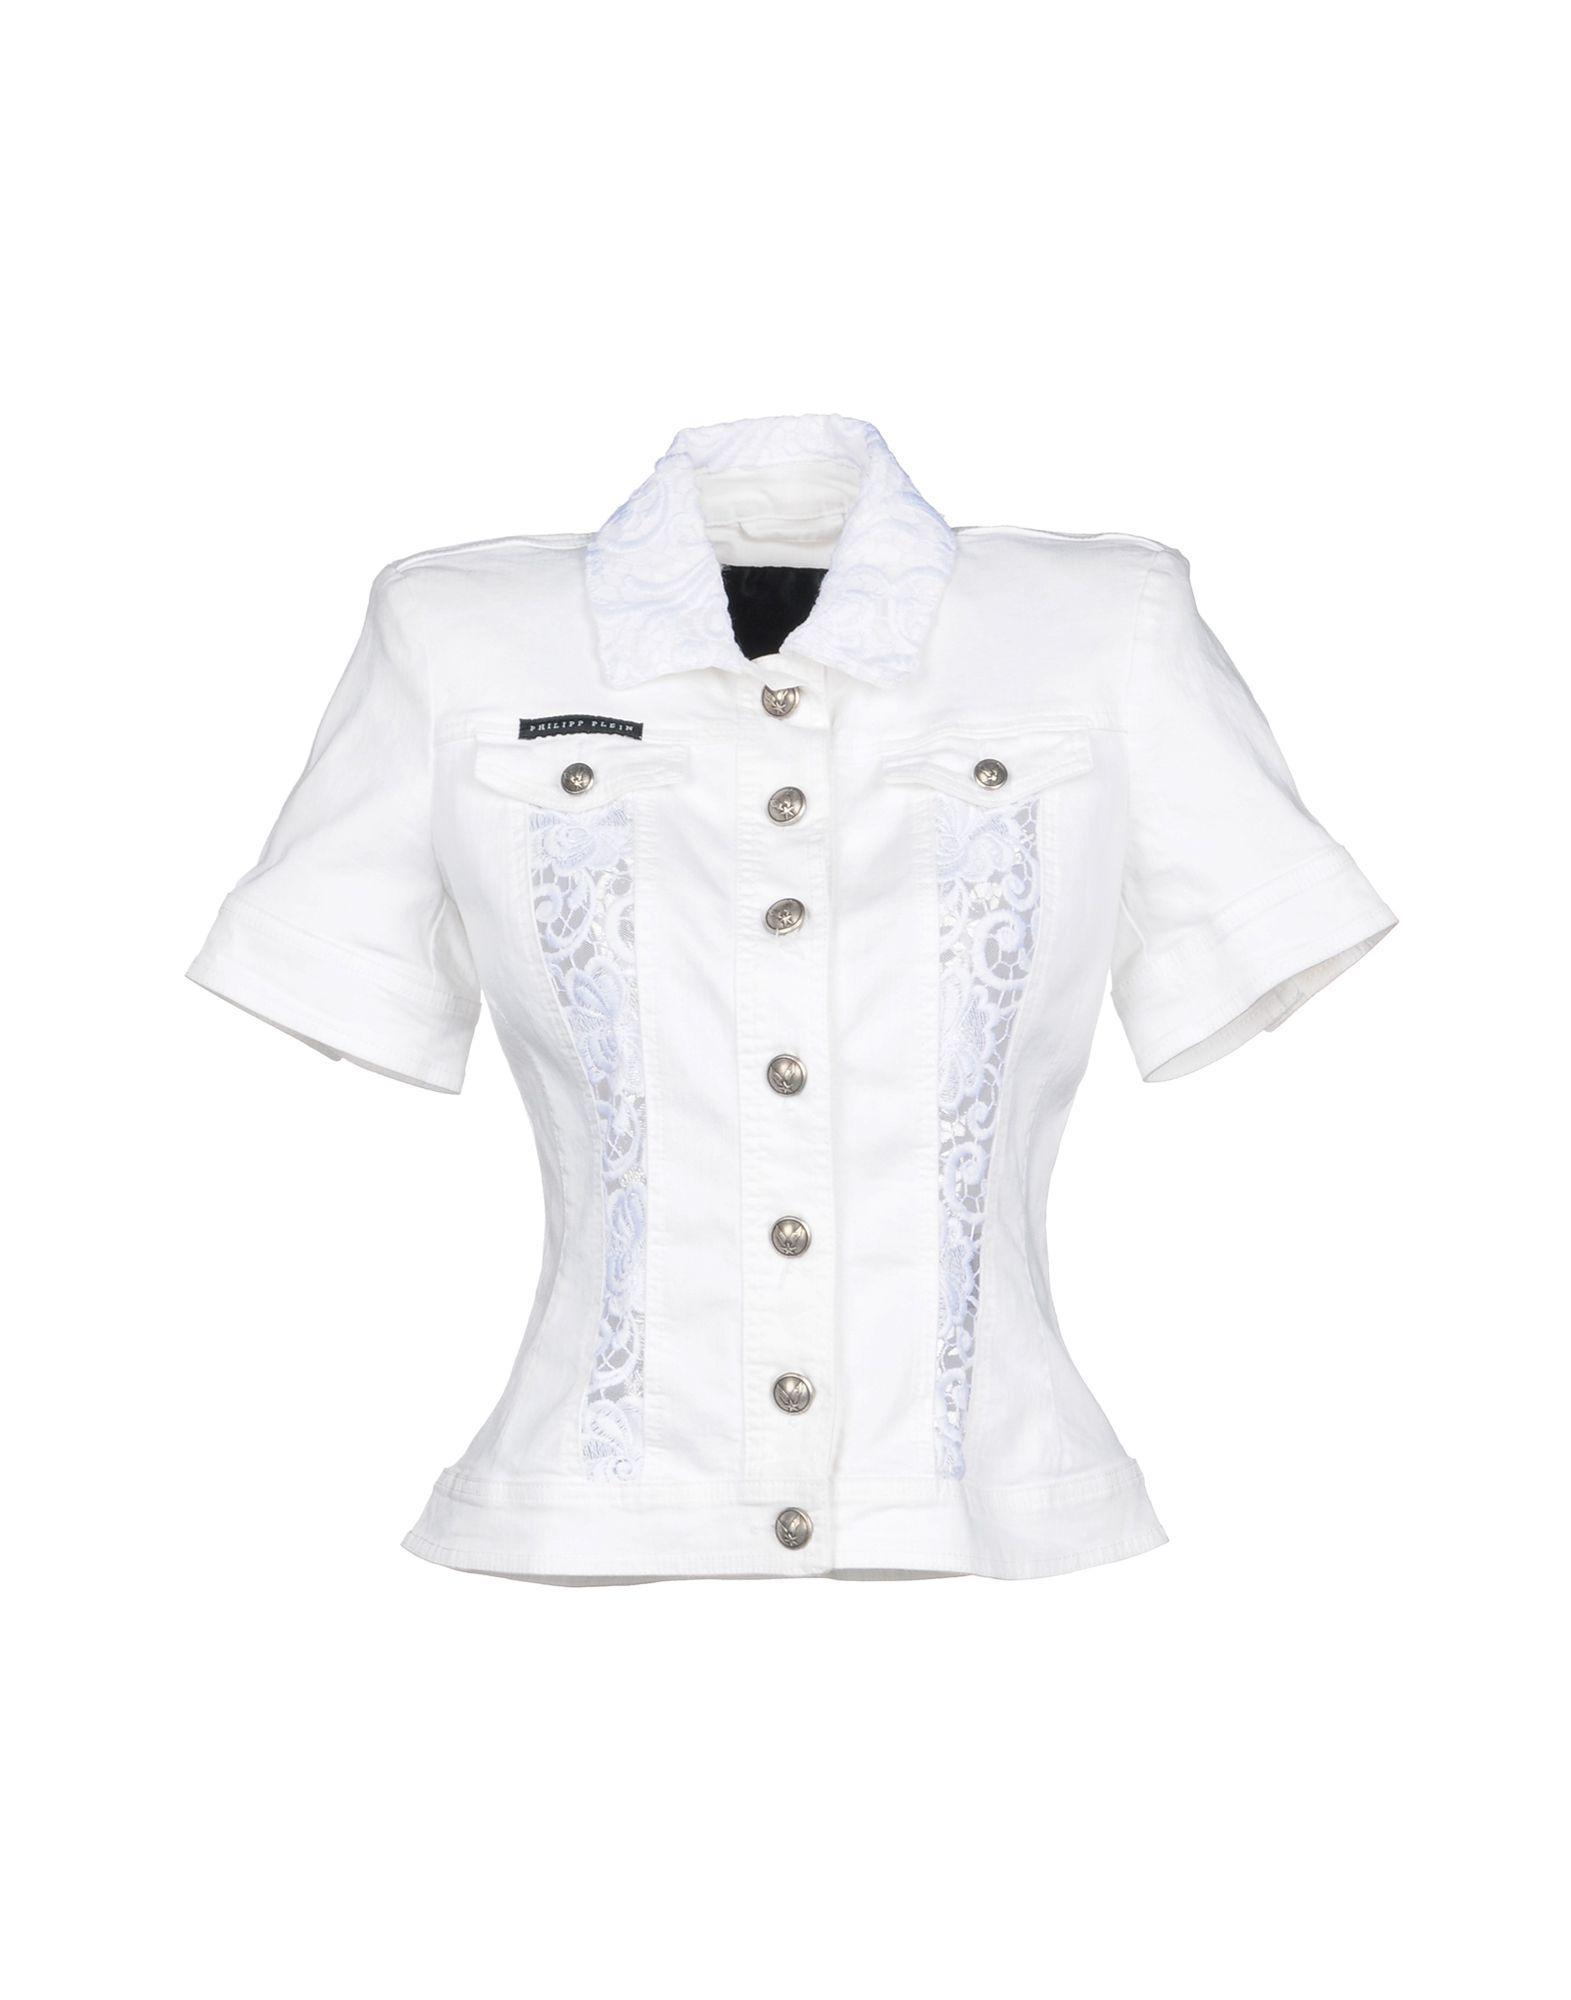 Philipp Plein Denim Jacket In White